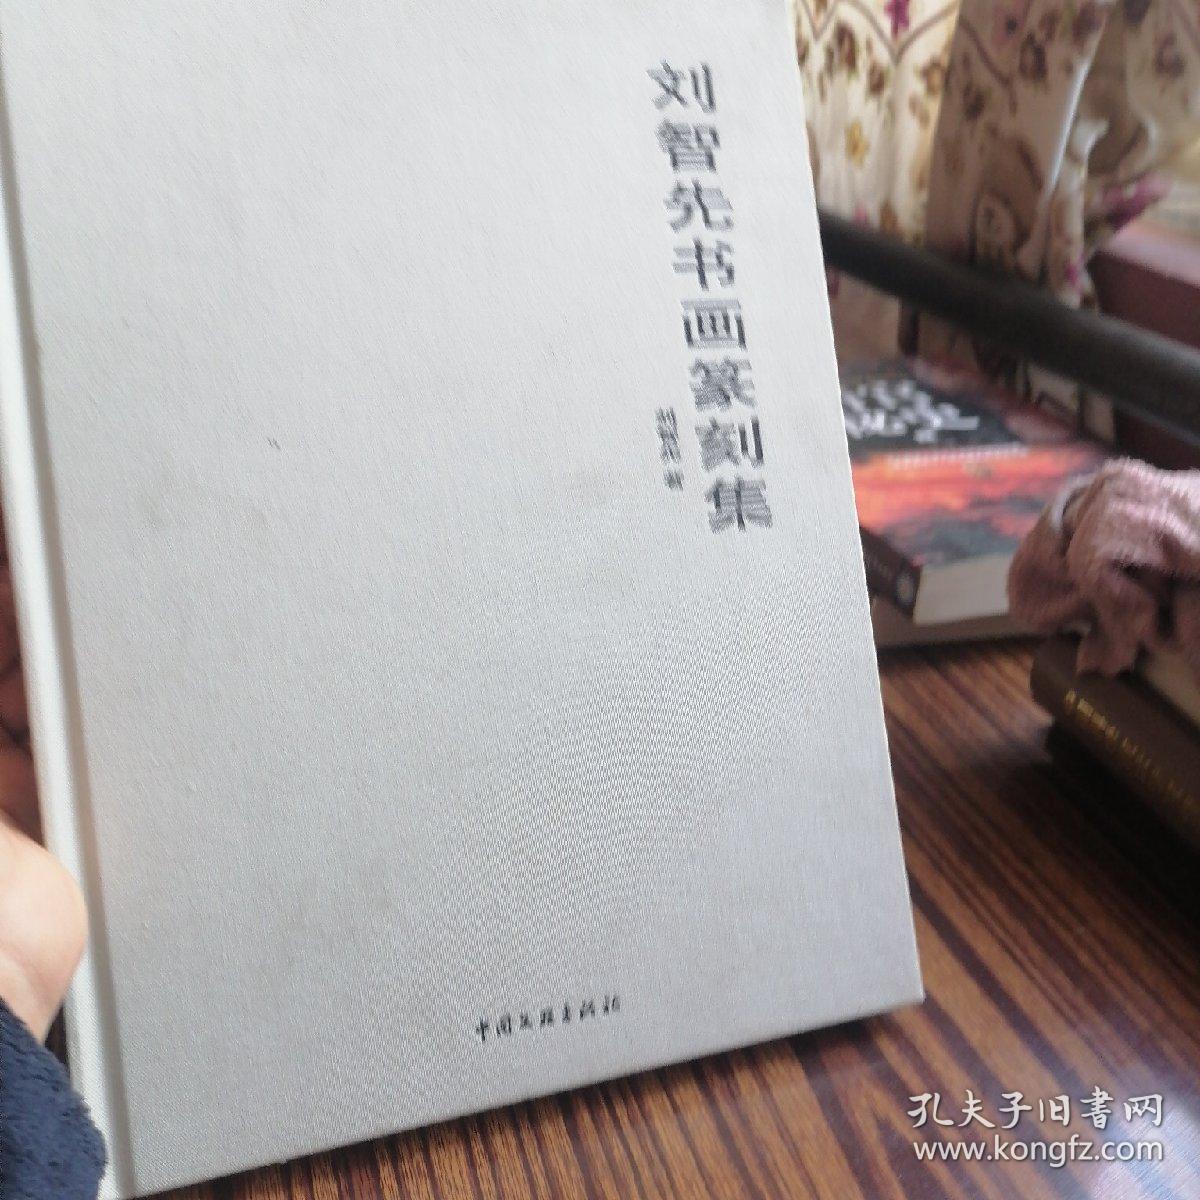 刘智先书画篆刻集